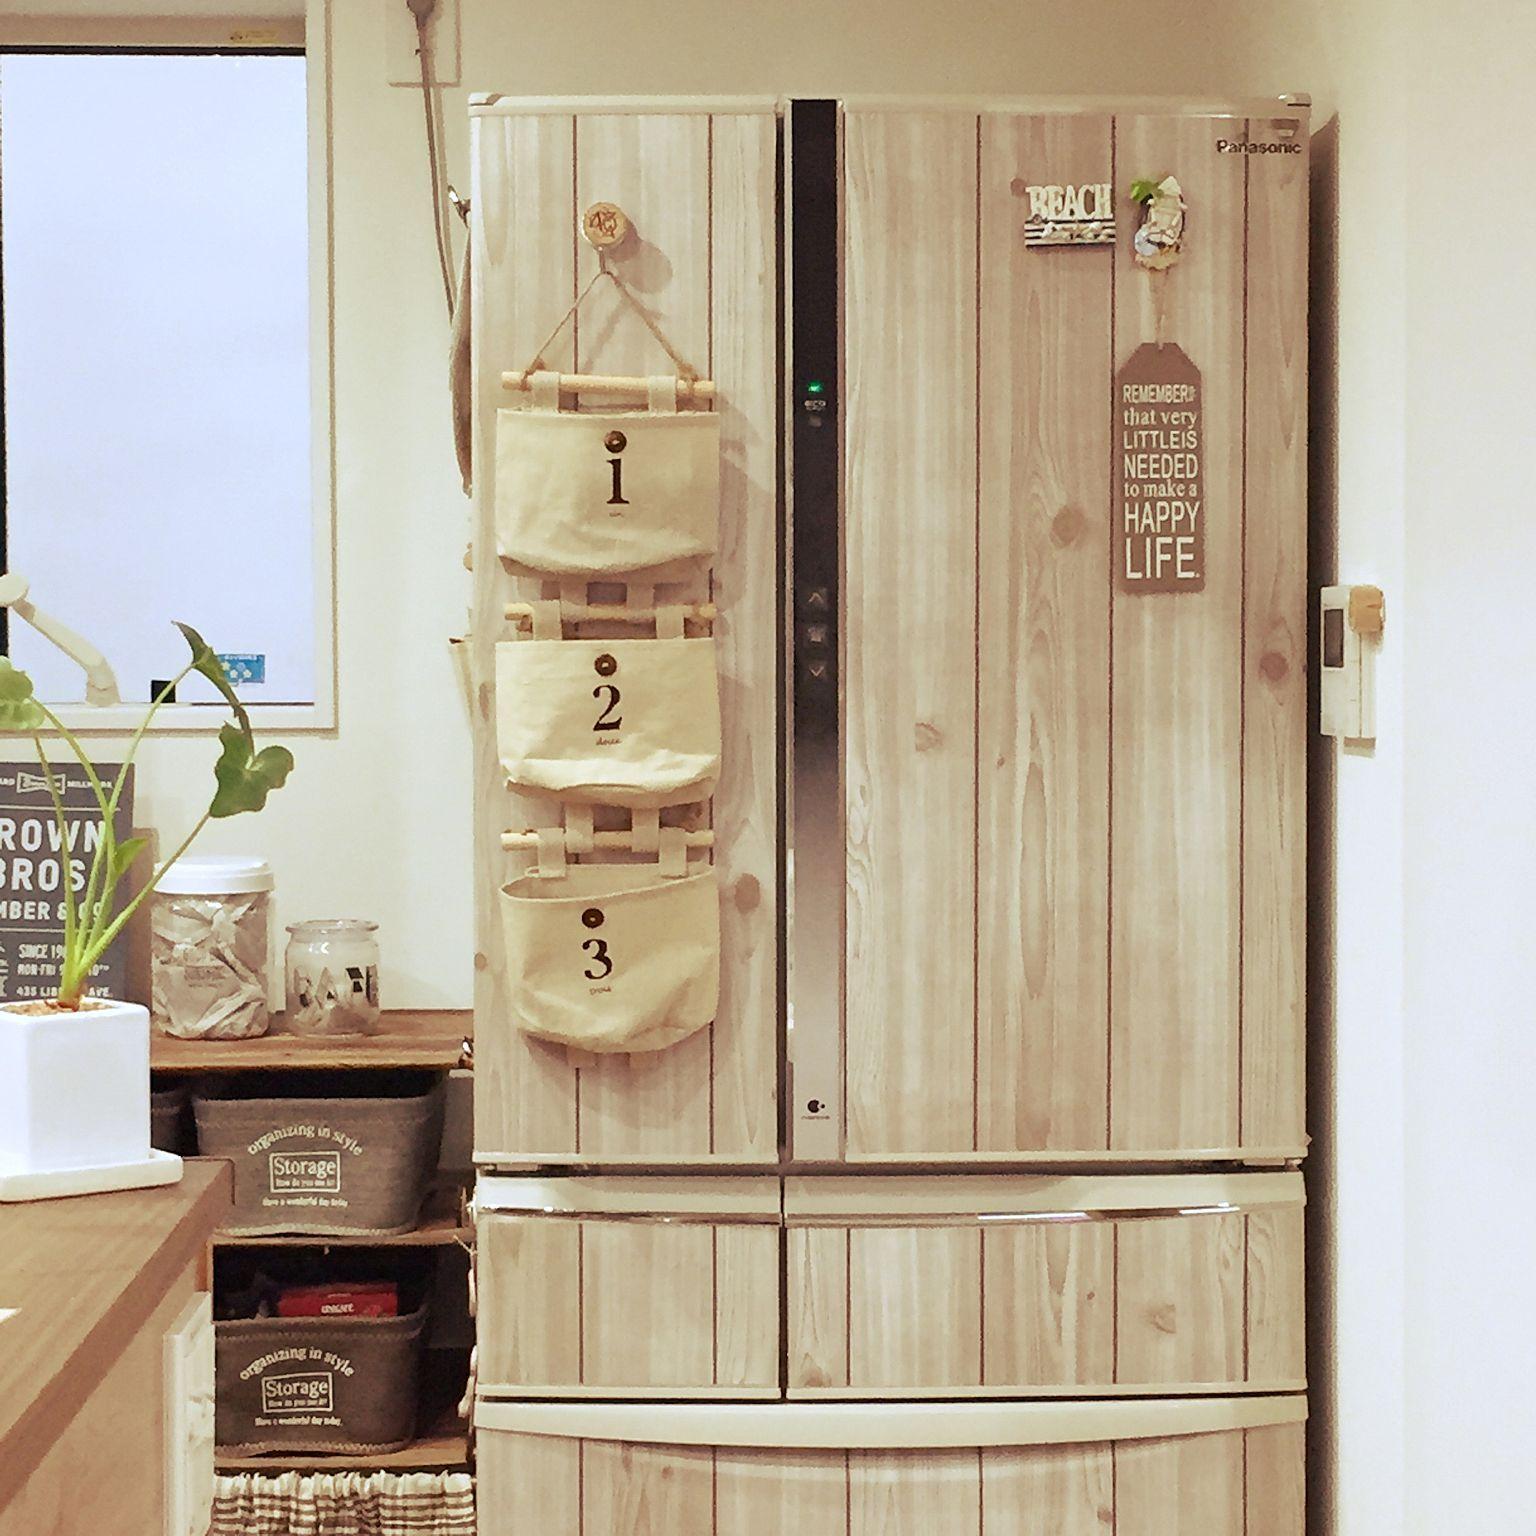 キッチン ダイソー 雑貨 100均 観葉植物 などのインテリア実例